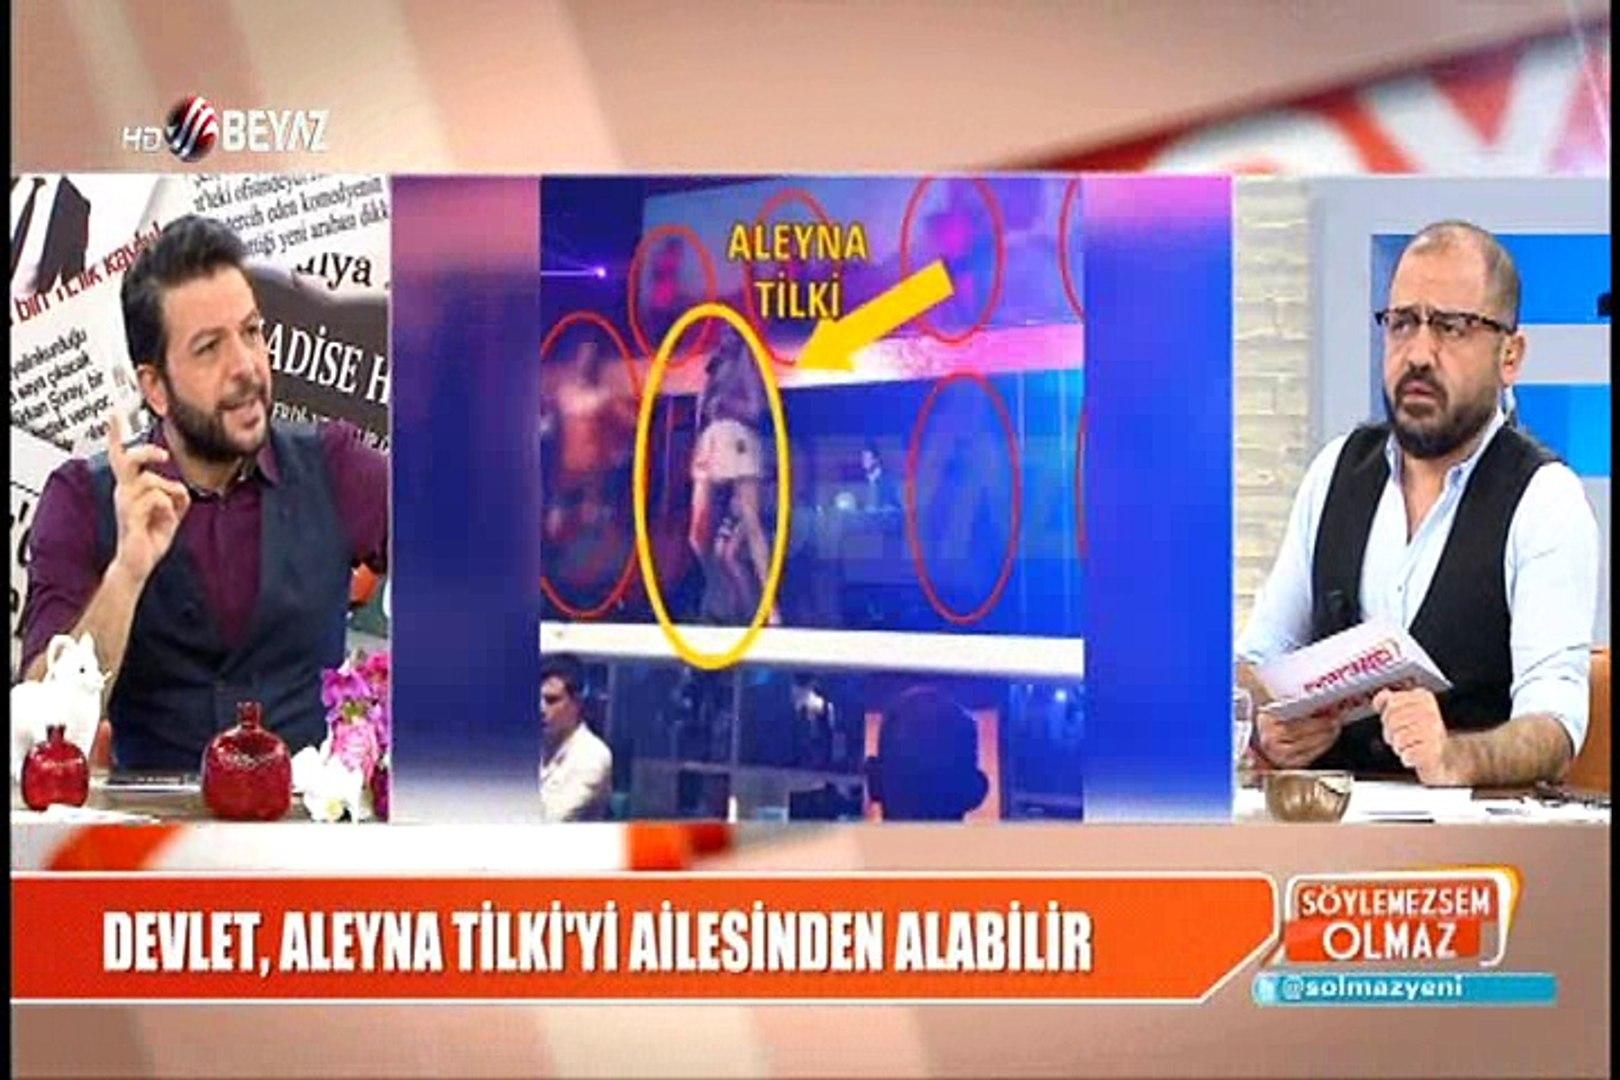 Devlet, Aleyna Tilki'yi ailesinden alacak mı